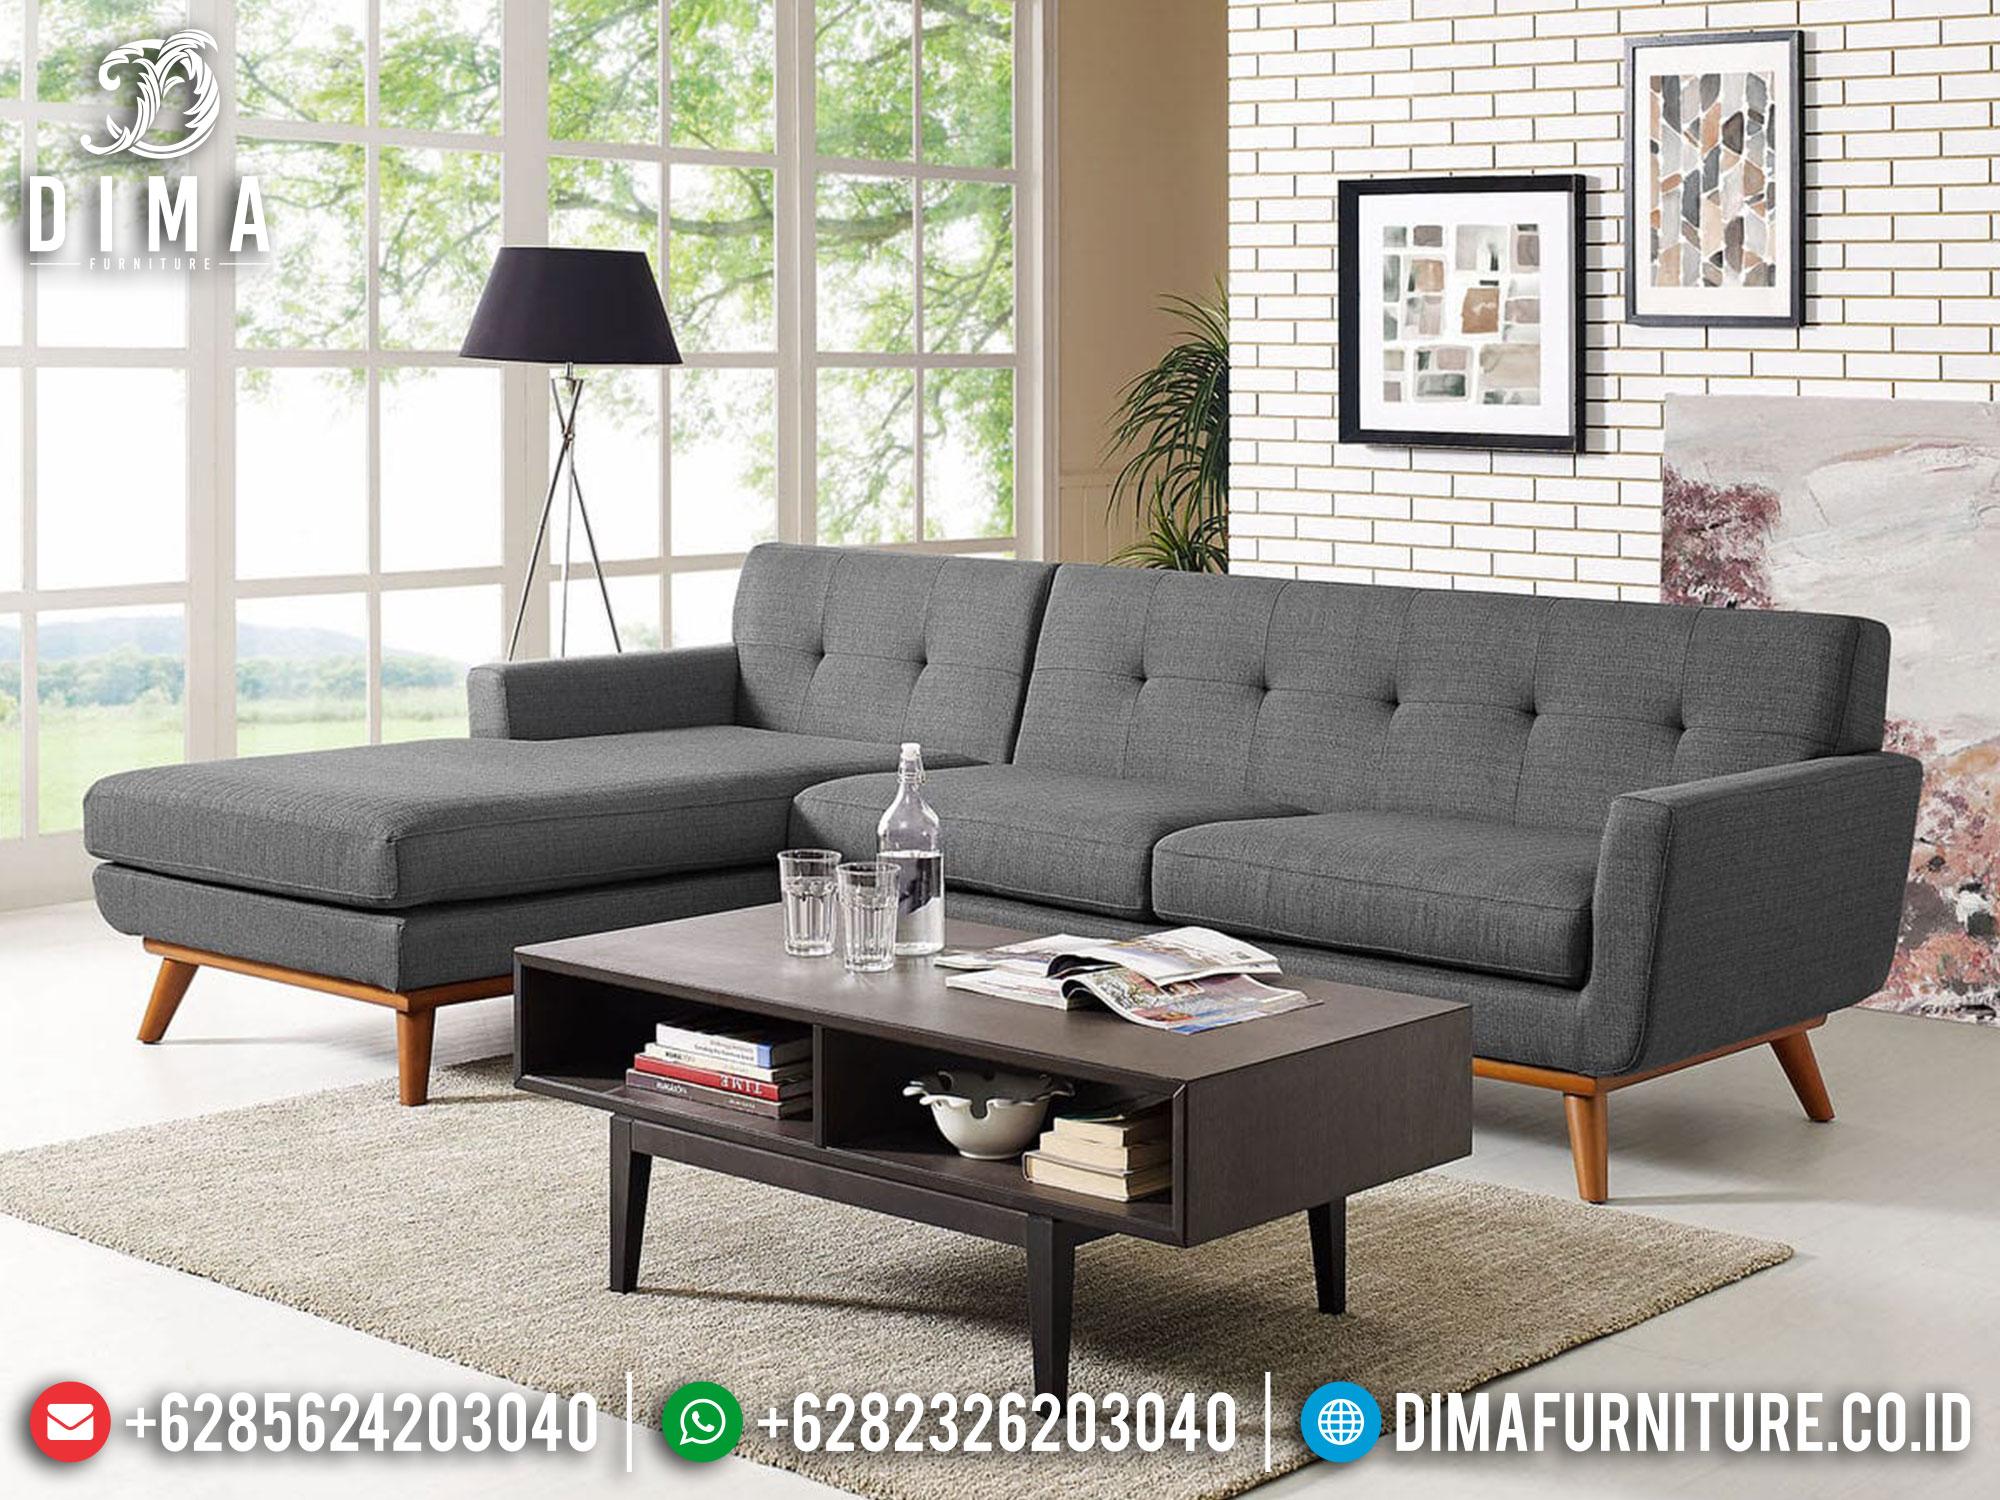 Desain Sofa Tamu Minimalis Classical Soft Fabric Royal Foam Comfortable ST-1264